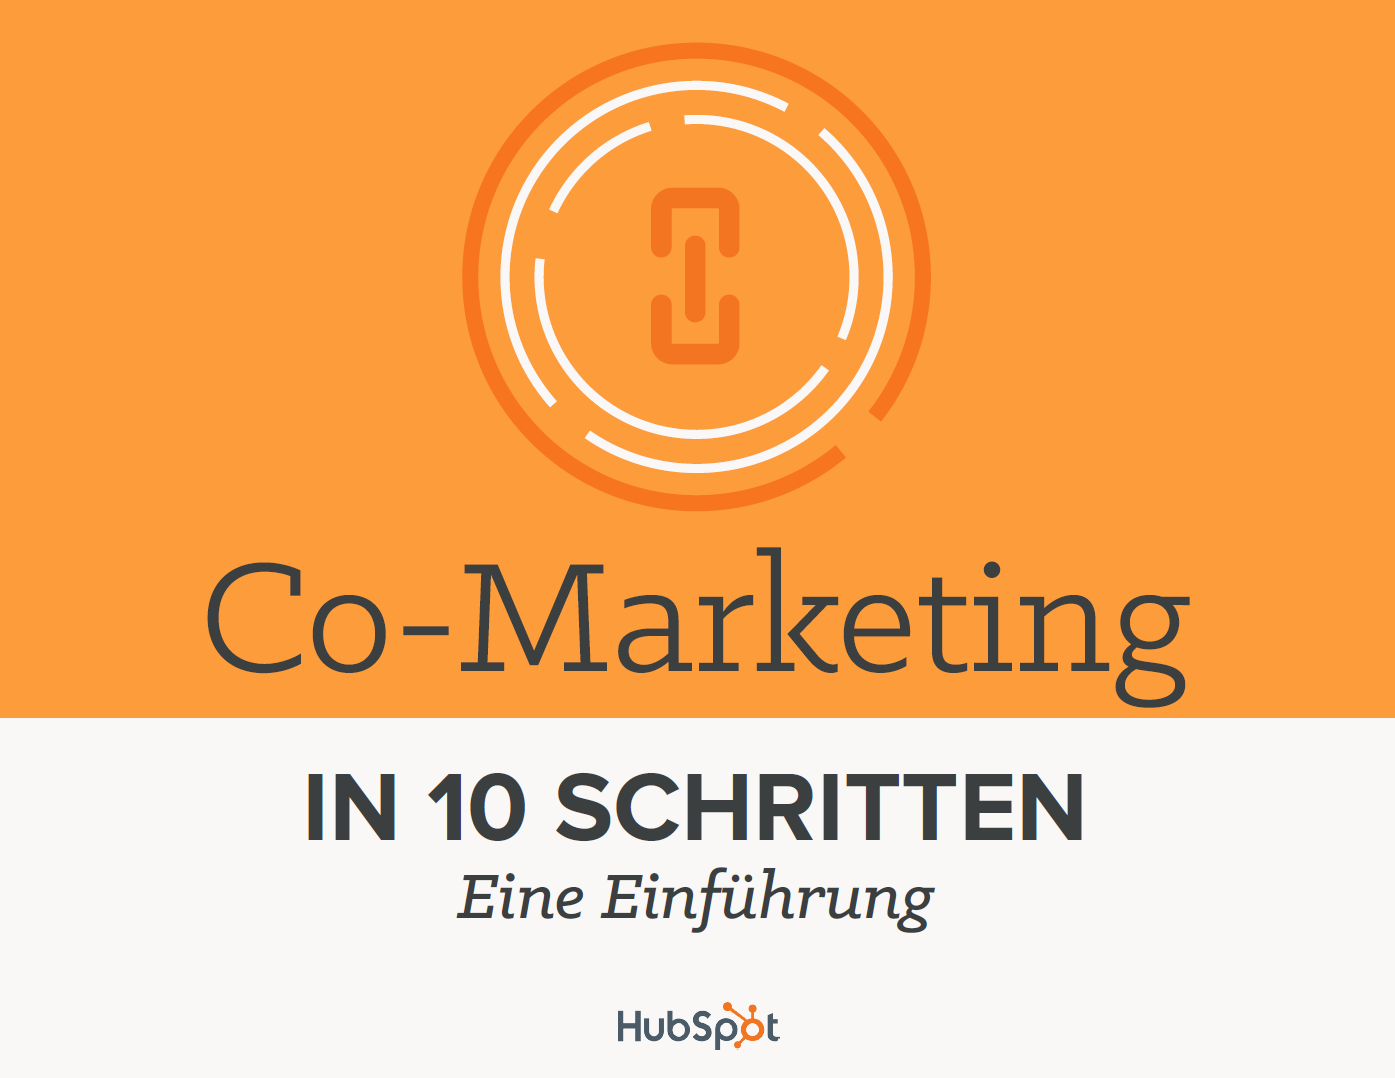 HubSpot-Co-Marketing-in-10-Schritten-Vorschau-01